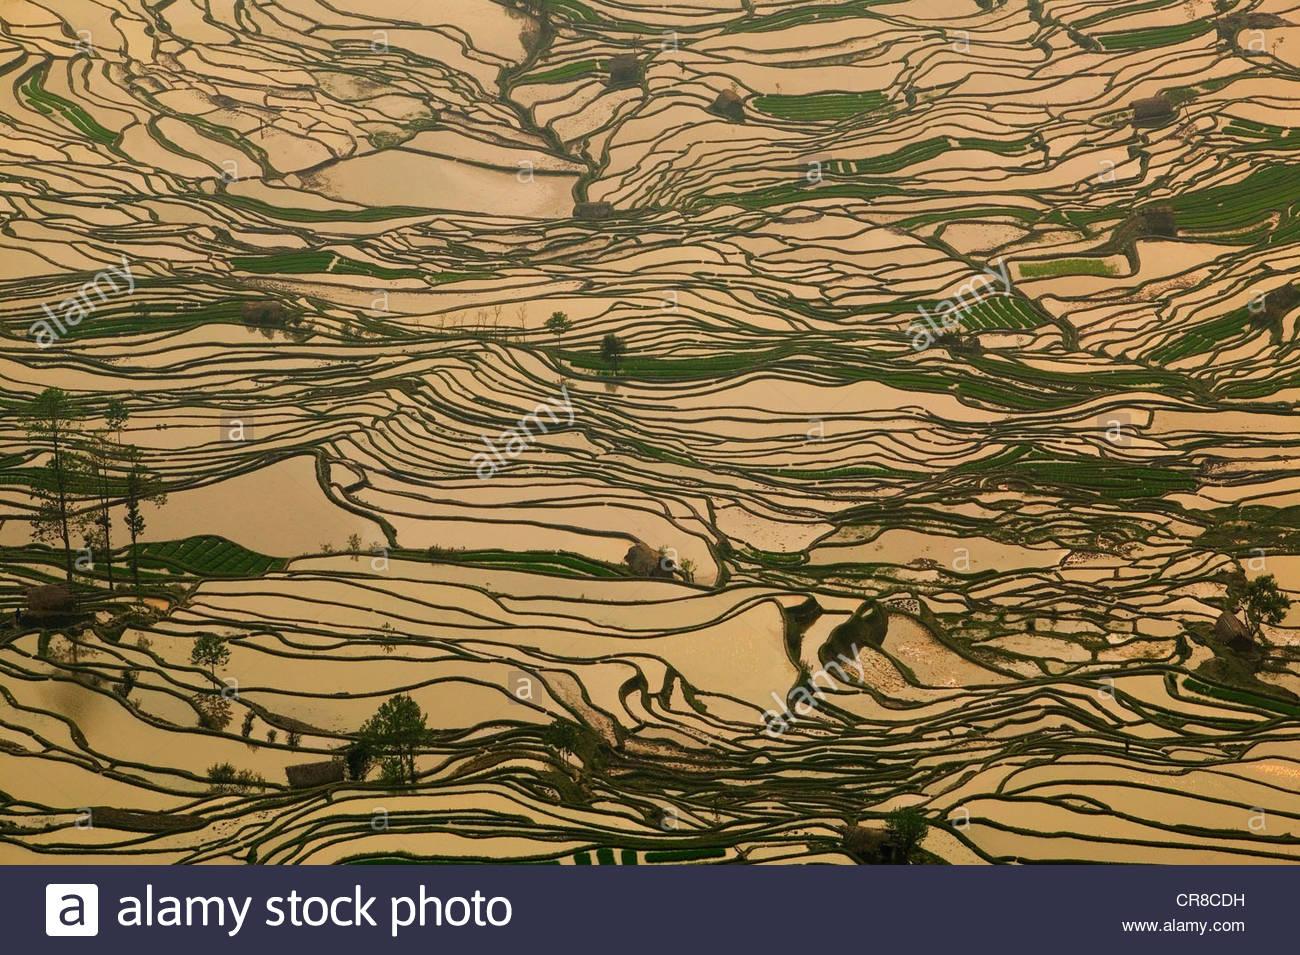 Arrozales en terrazas, en la provincia de Yunnan, China Imagen De Stock